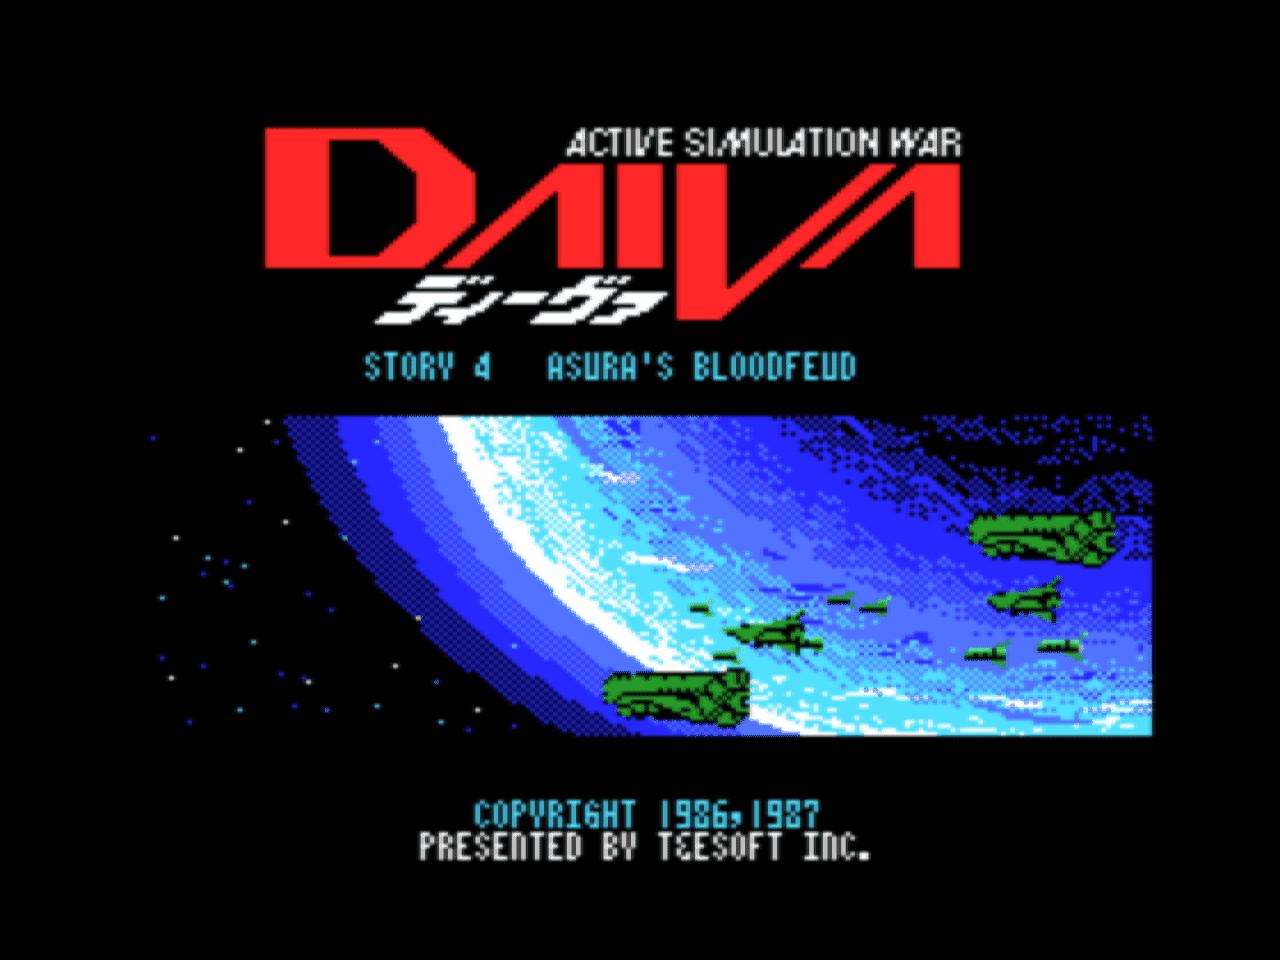 Daiva Story 4 - Asura's Bloodfeud